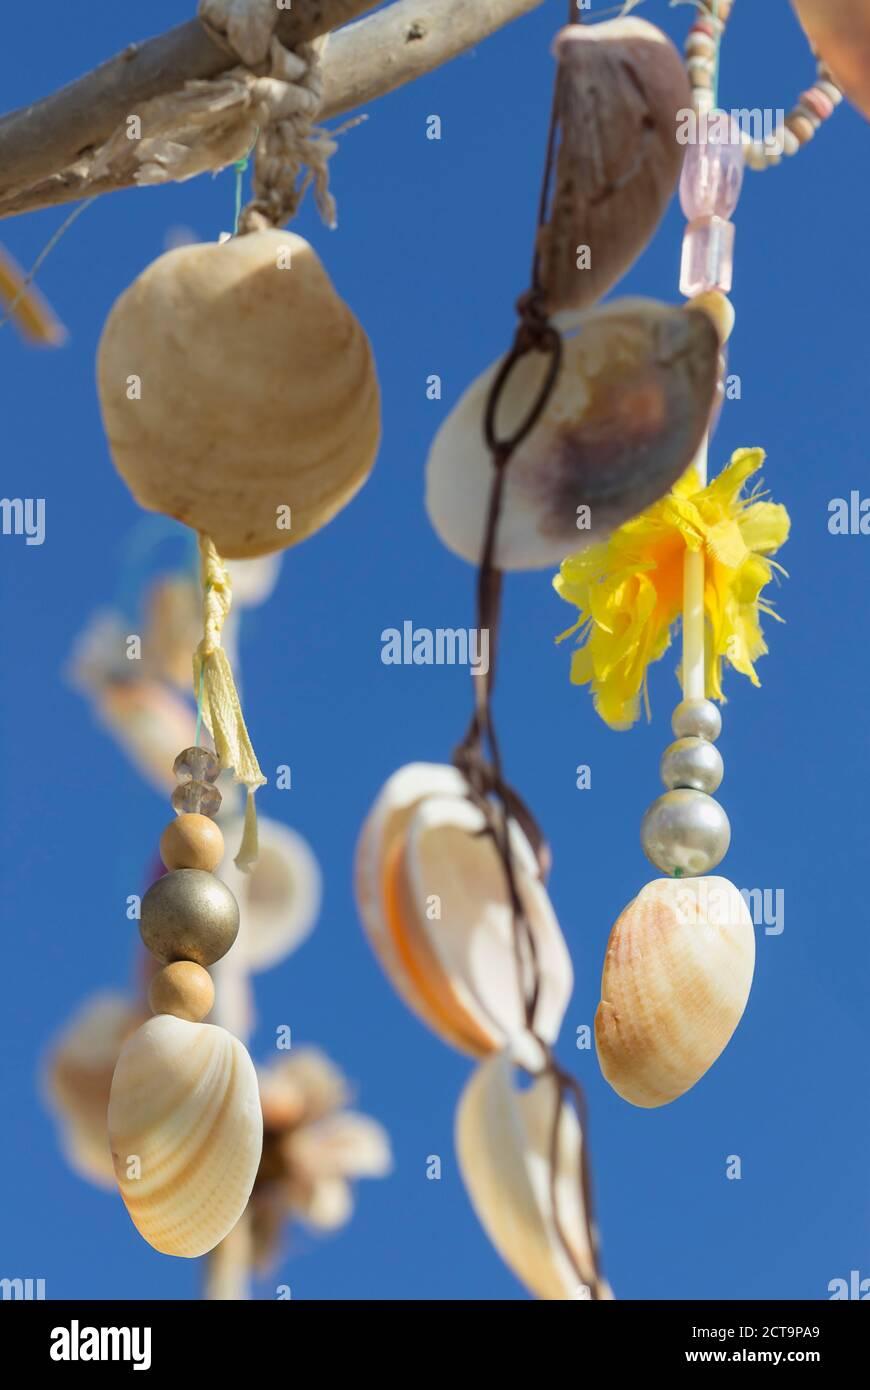 Spanien, Balearen, Formentera, Wunsch-Baum mit Muscheln Stockfoto